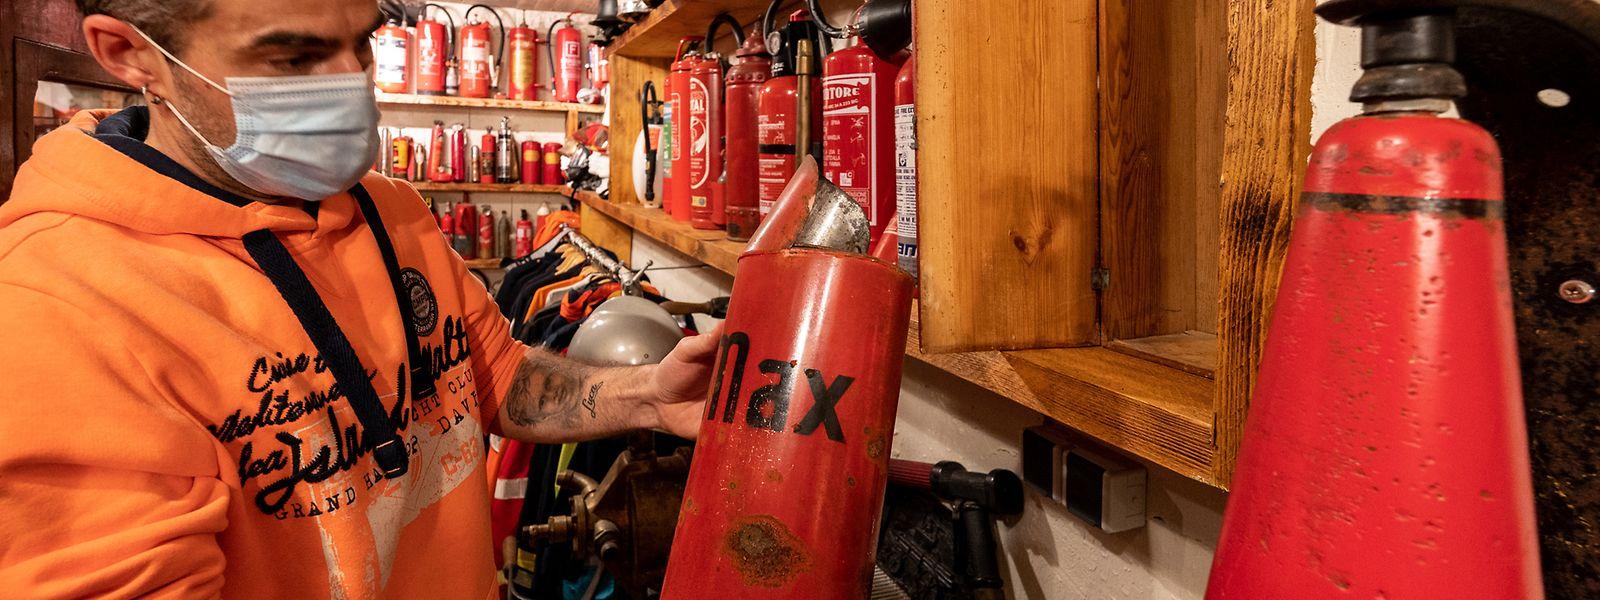 Lok , Sueden , Eischen , Cliff Delvaux und seine Sammlung von Feuerlöschern , Foto:Guy Jallay /Luxemburger Wort